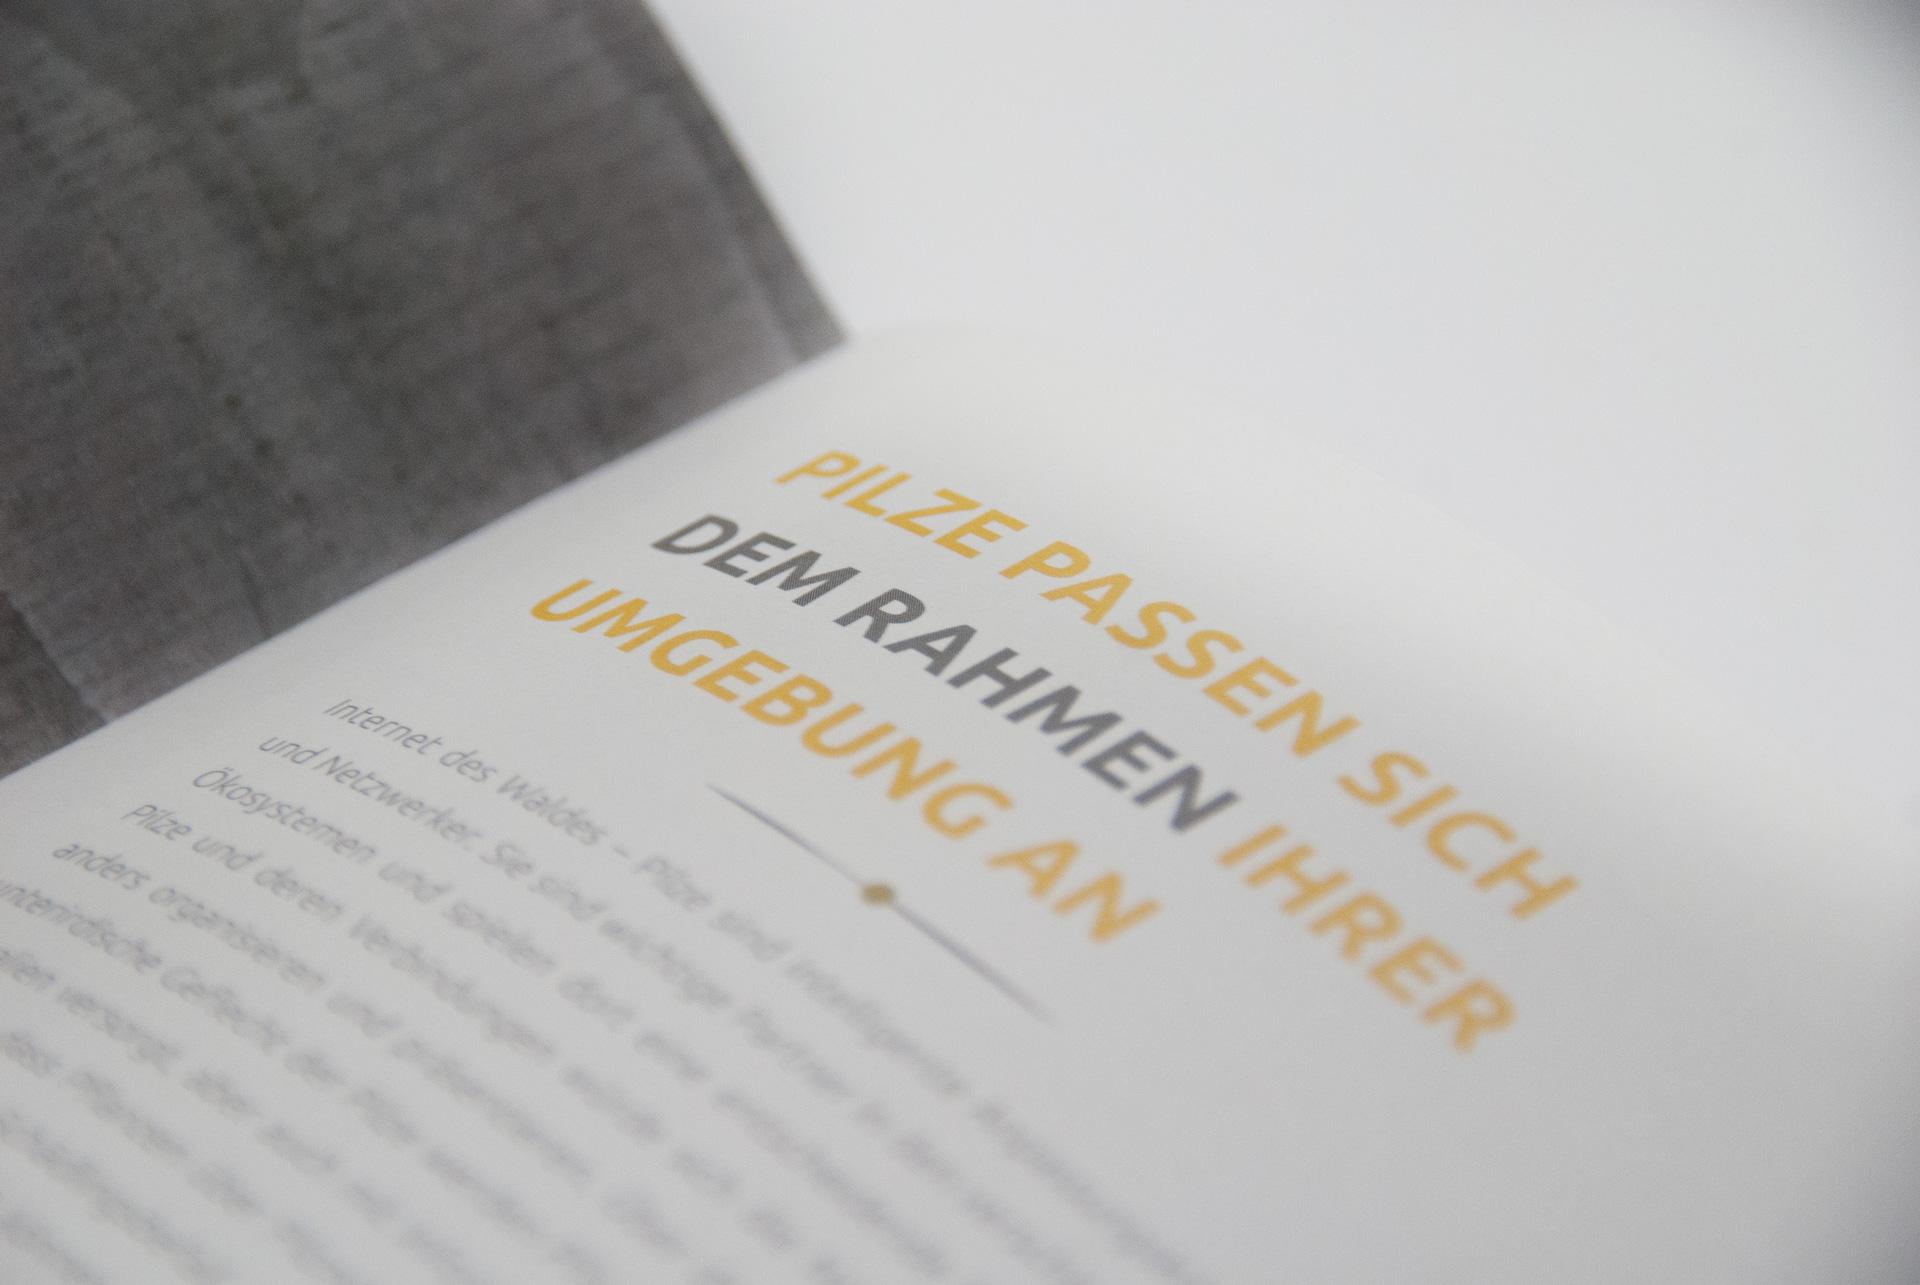 Paljari Broschüre Blindprägung